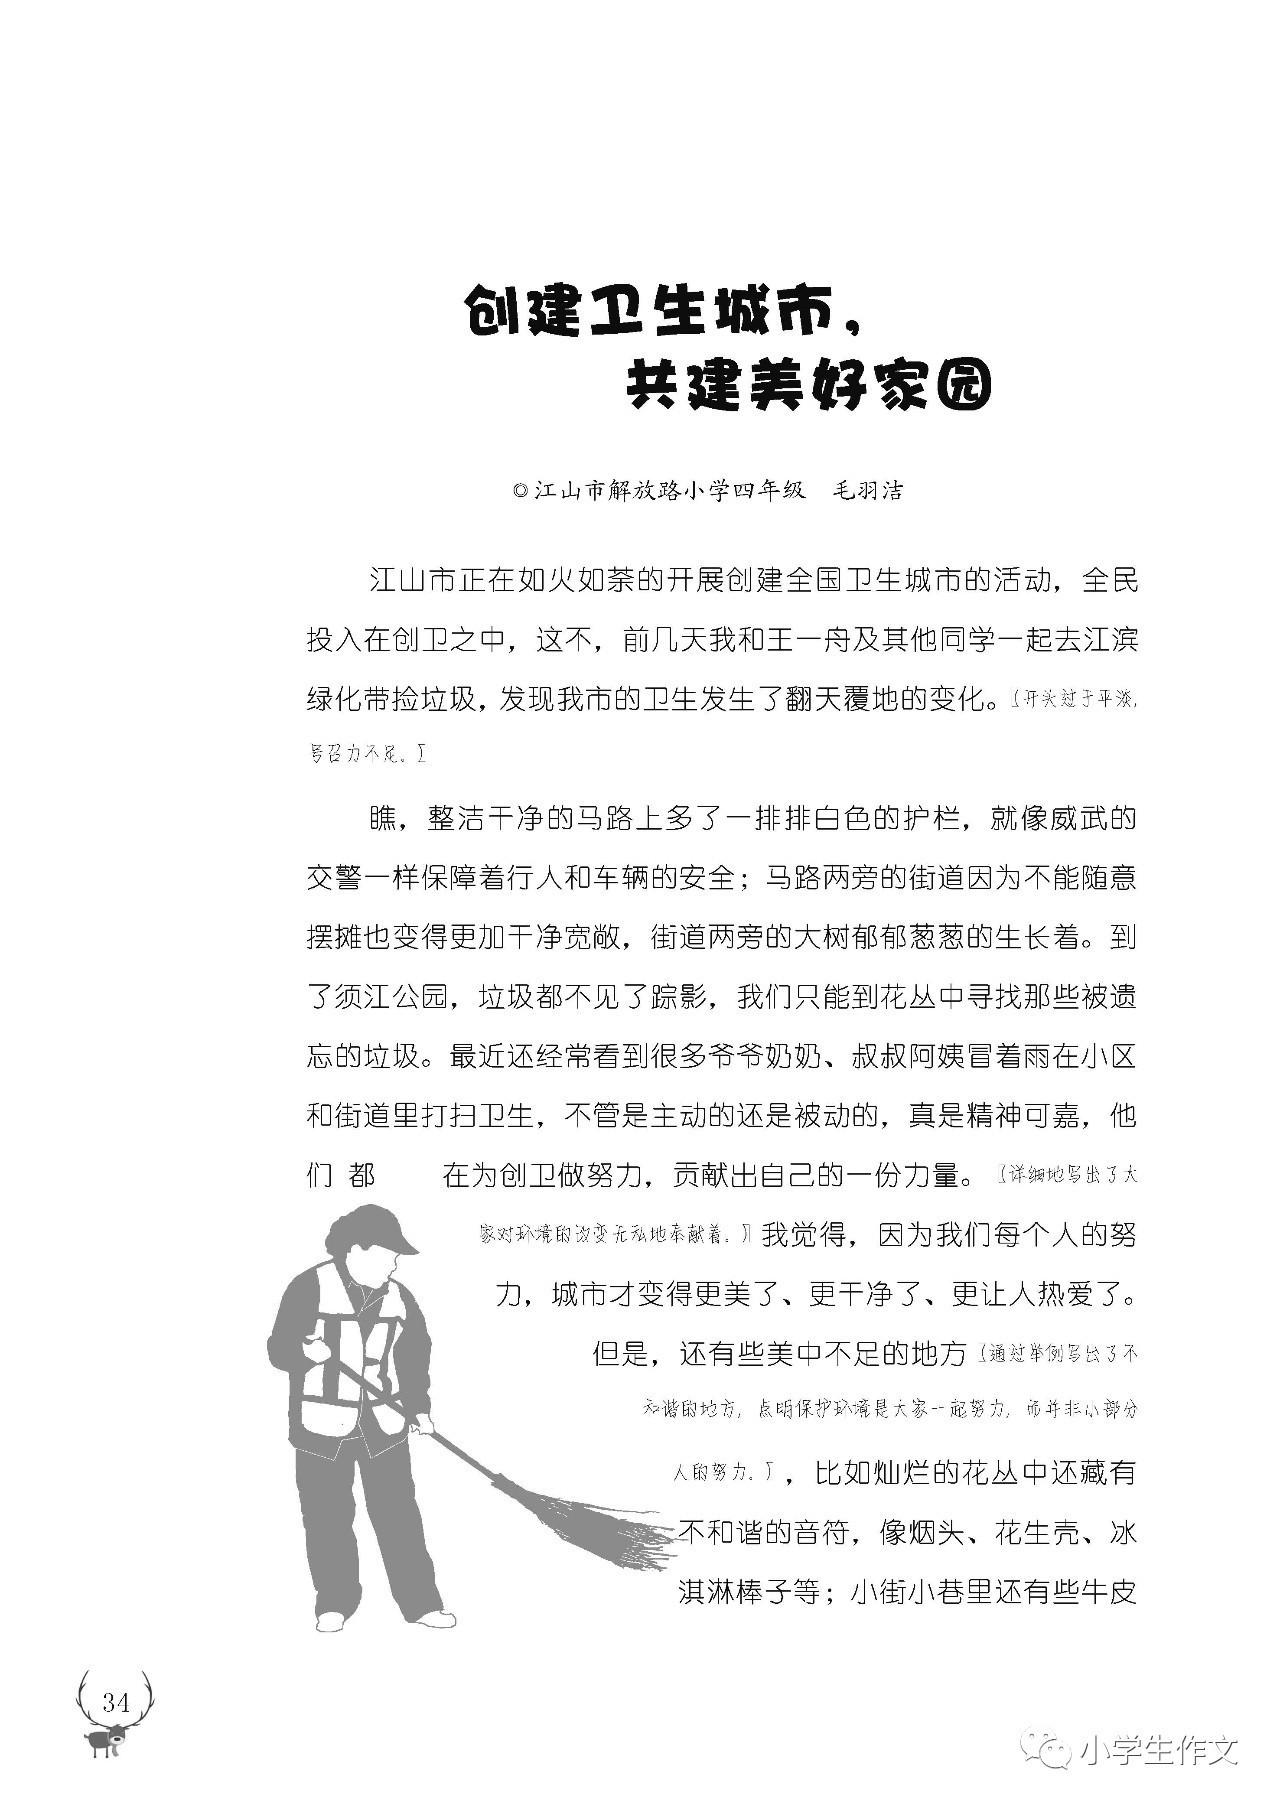 【免费领】新年忠孝:小学作文杂志创刊号+新年礼物小学生图片